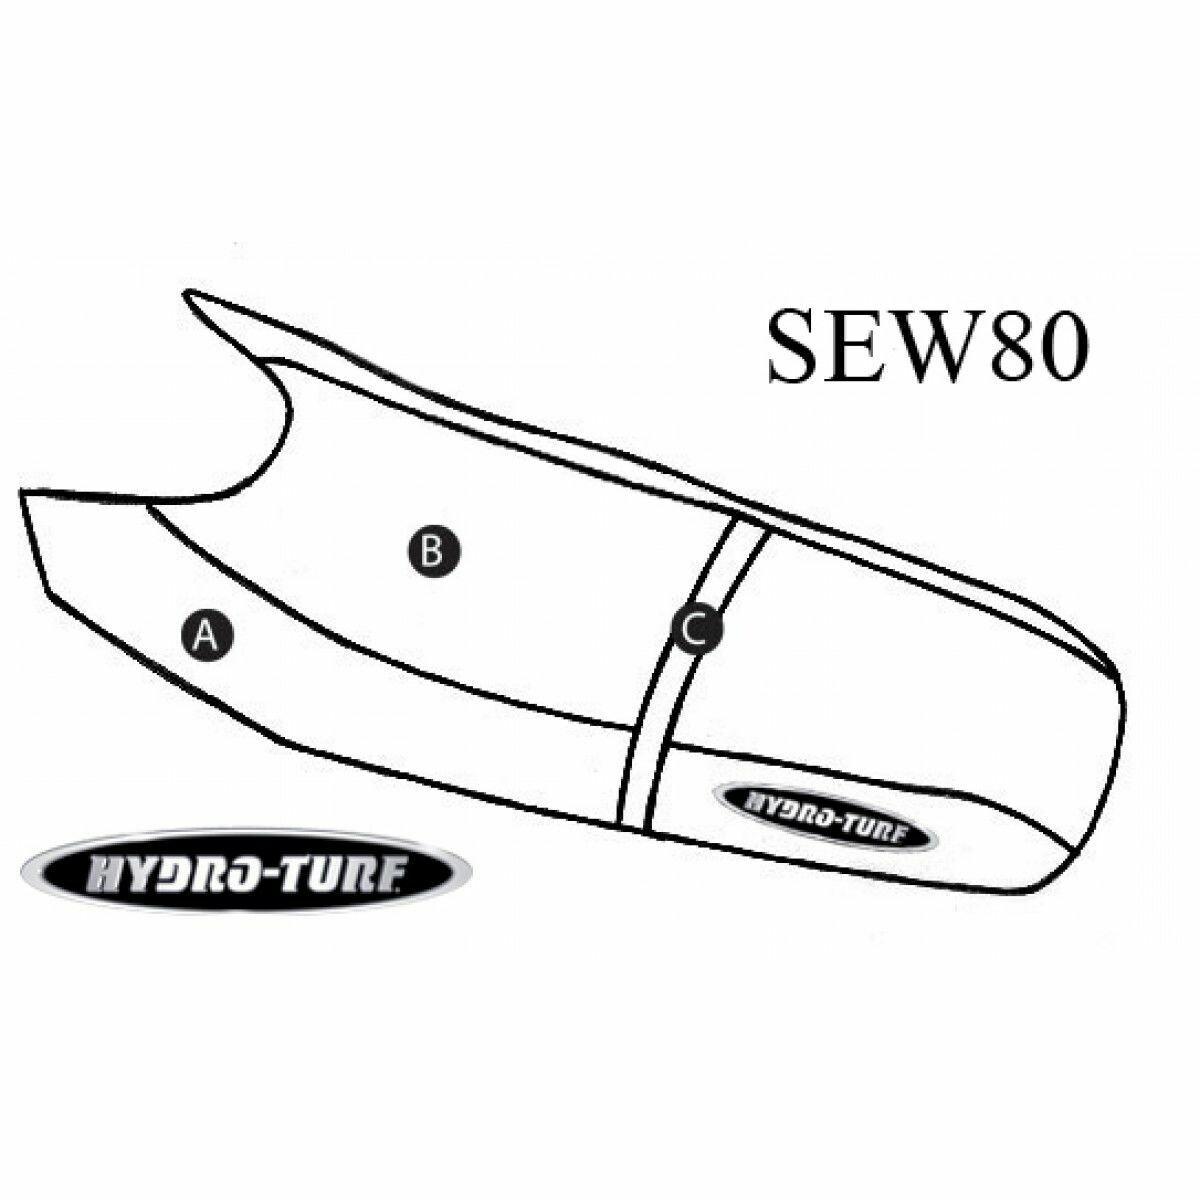 HYDROTURF STANDARD - SEADOO - XP (Pre 93) / SP (Pre 94)